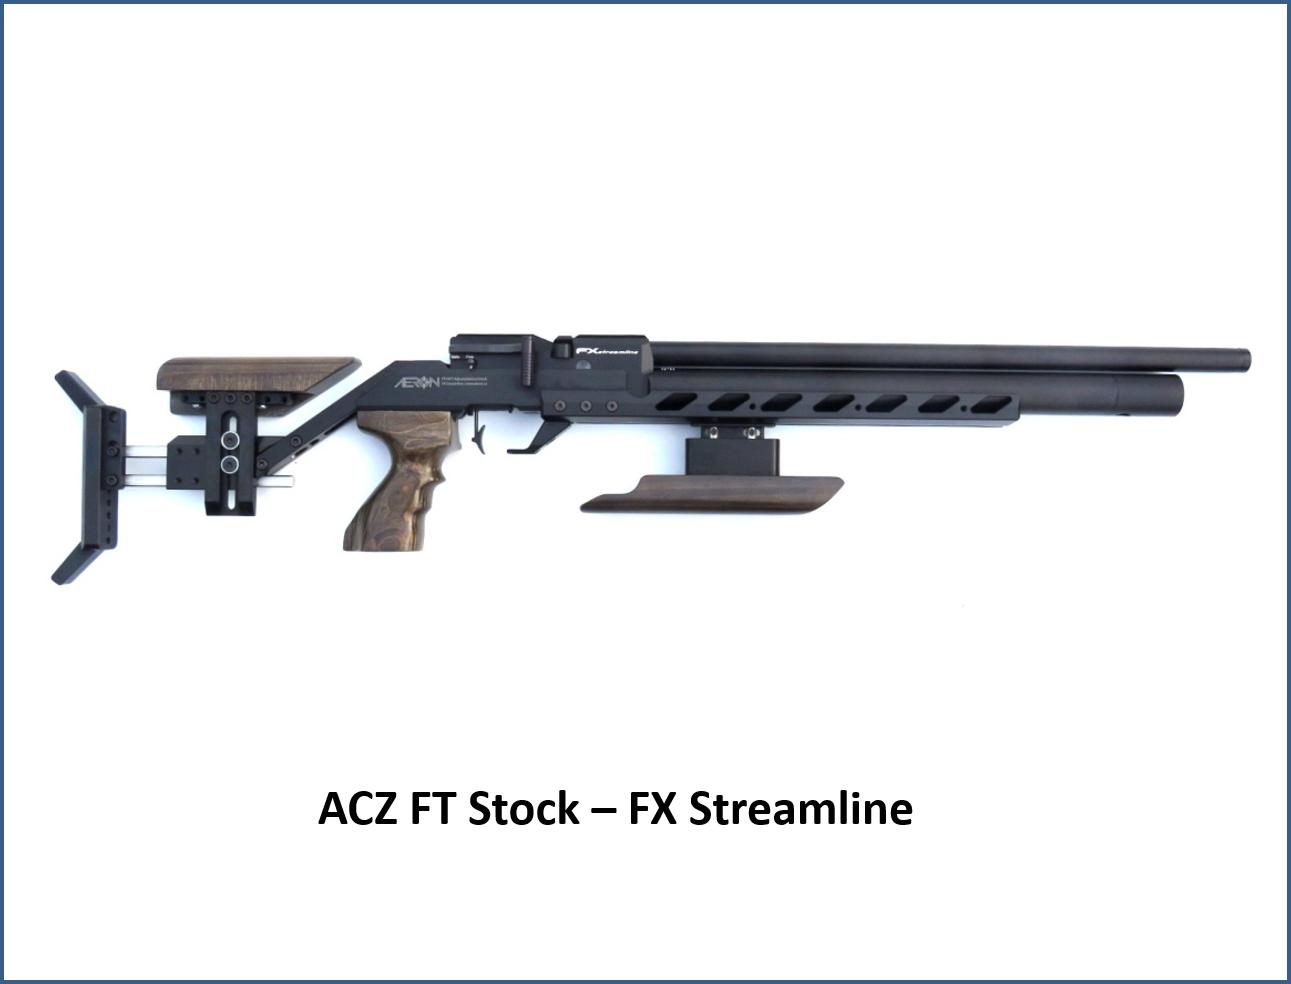 ACZ ULTRA FX DREAMLINE Custom Stock